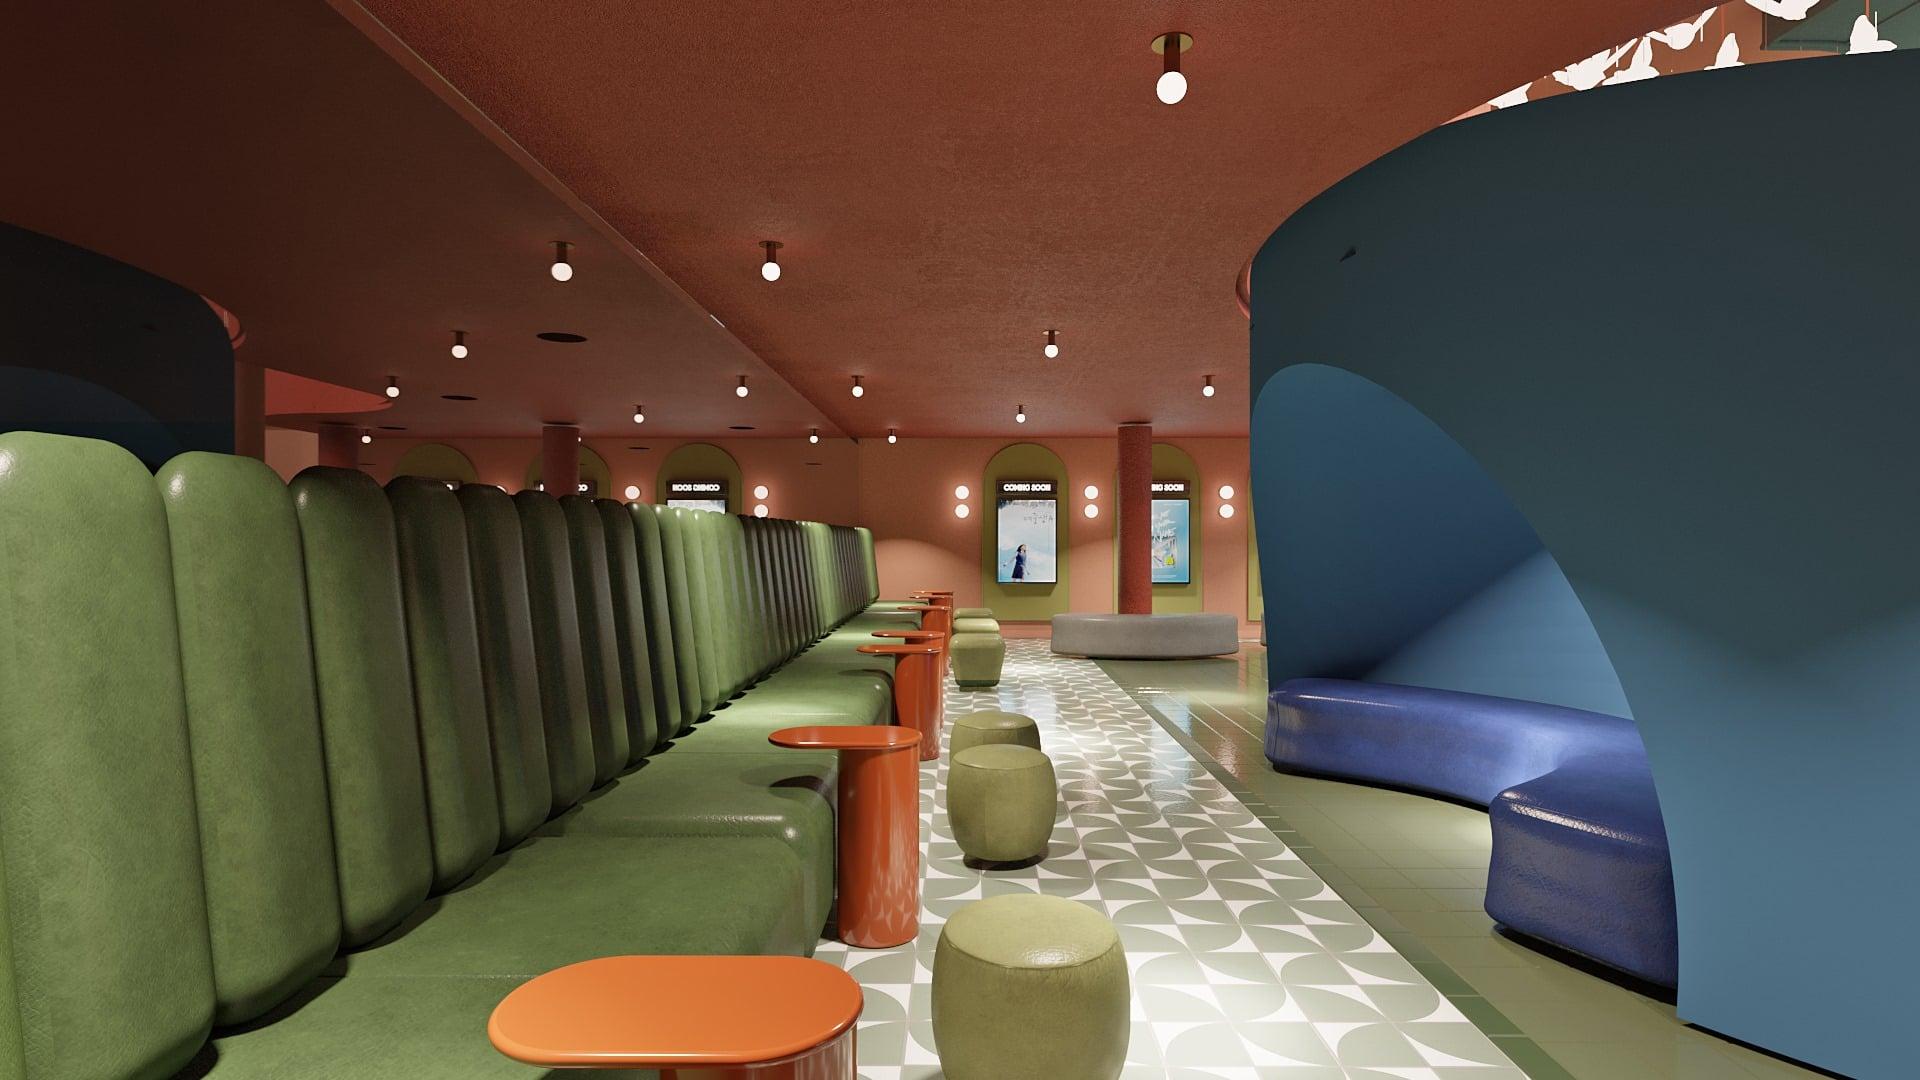 Beta Cinemas Quang Trung, rạp phim mới ở TP HCM mang phong cách Artistic Urban Lifestyle - Ảnh 5.